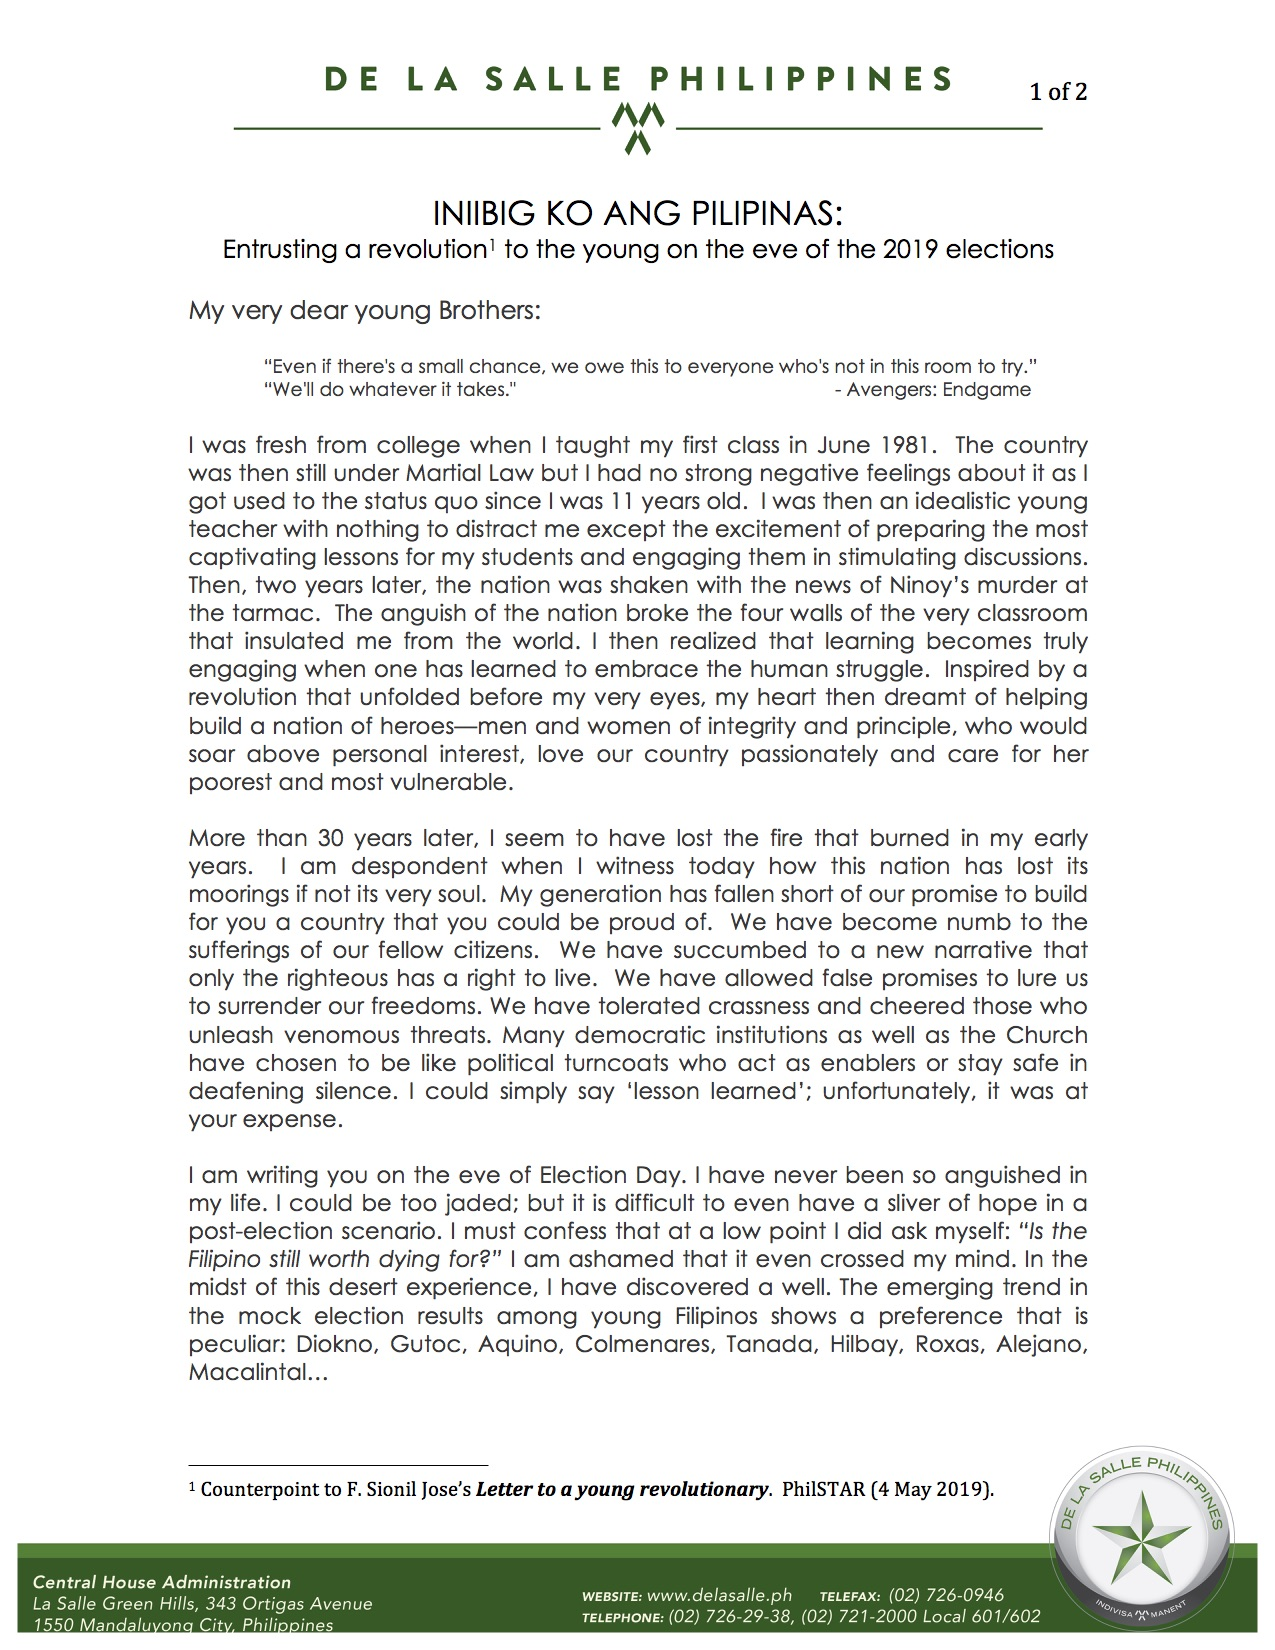 INIIBIG KO ANG PILIPINAS Final 1_2.jpg